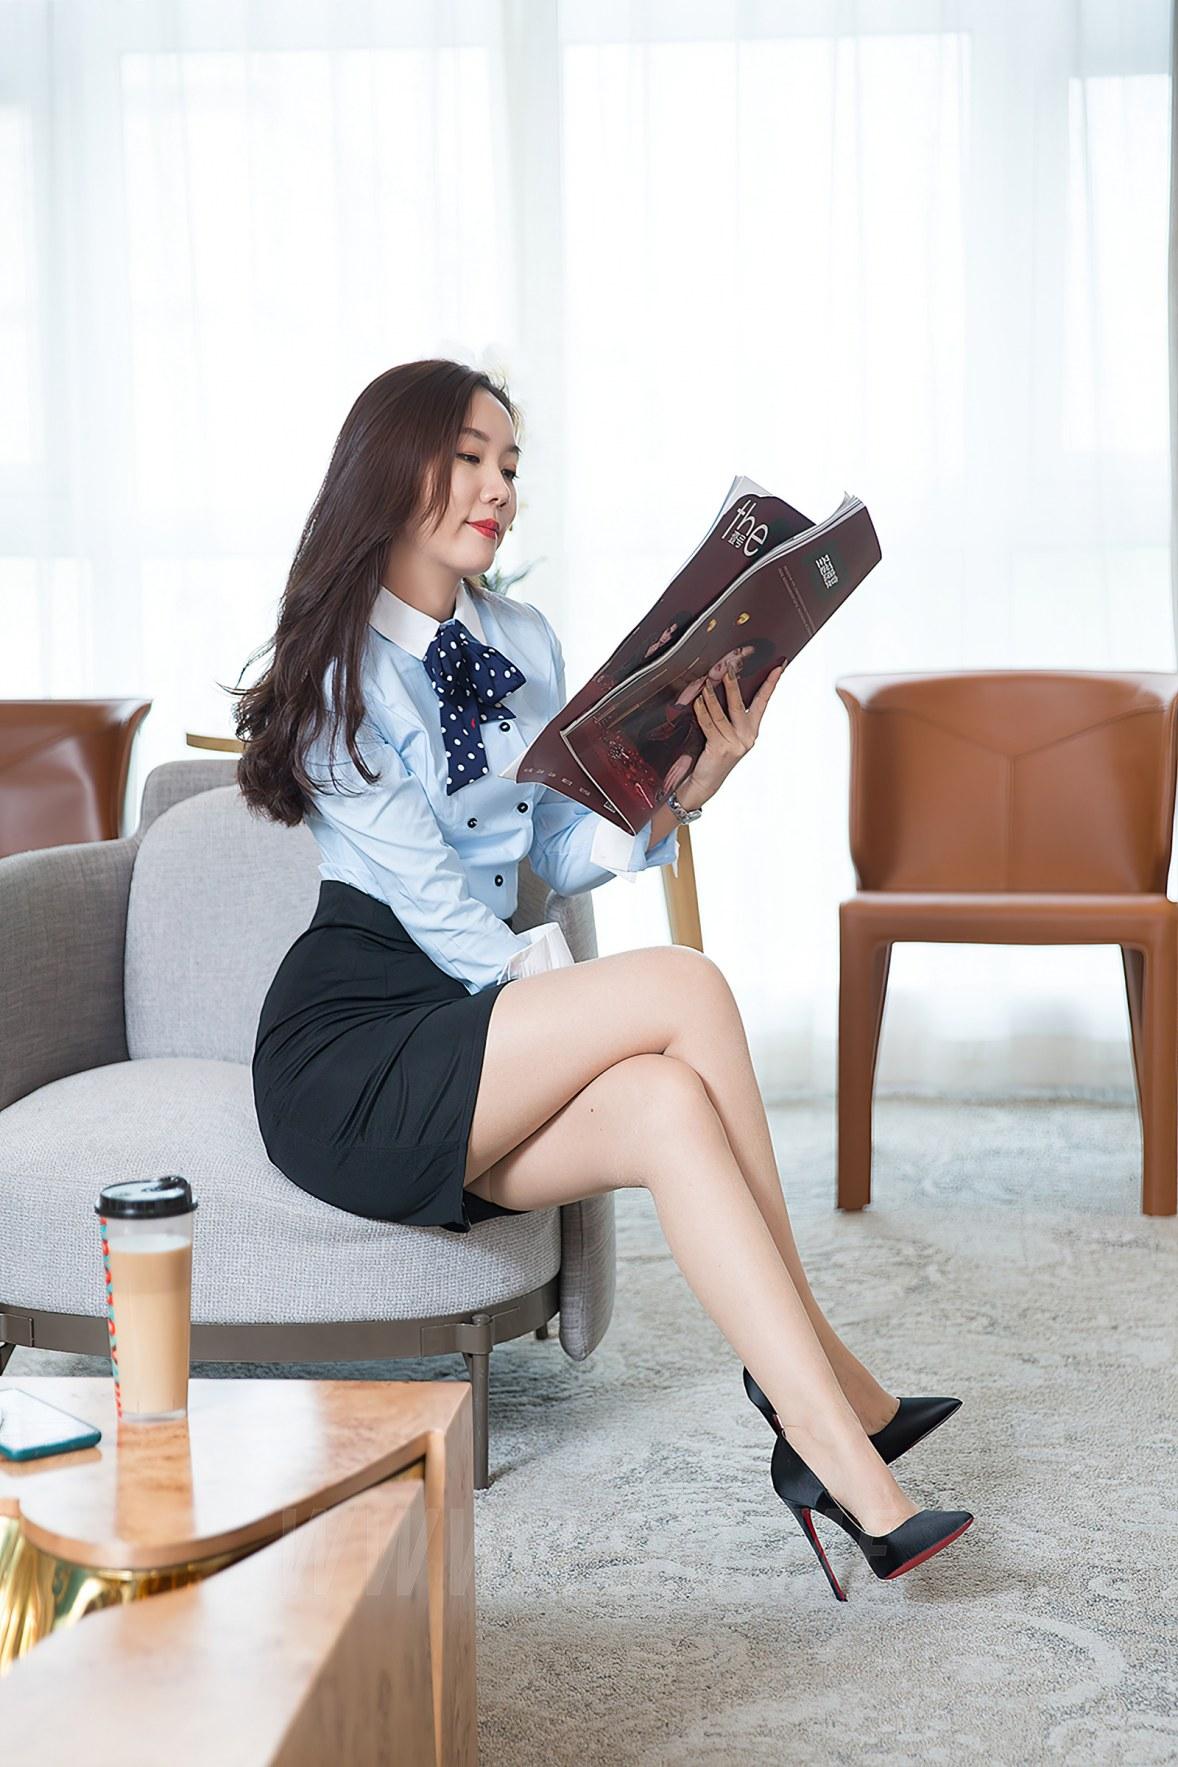 Goddes 头条女神 No.S045 静香的OL故事VIP艾静香 - 4